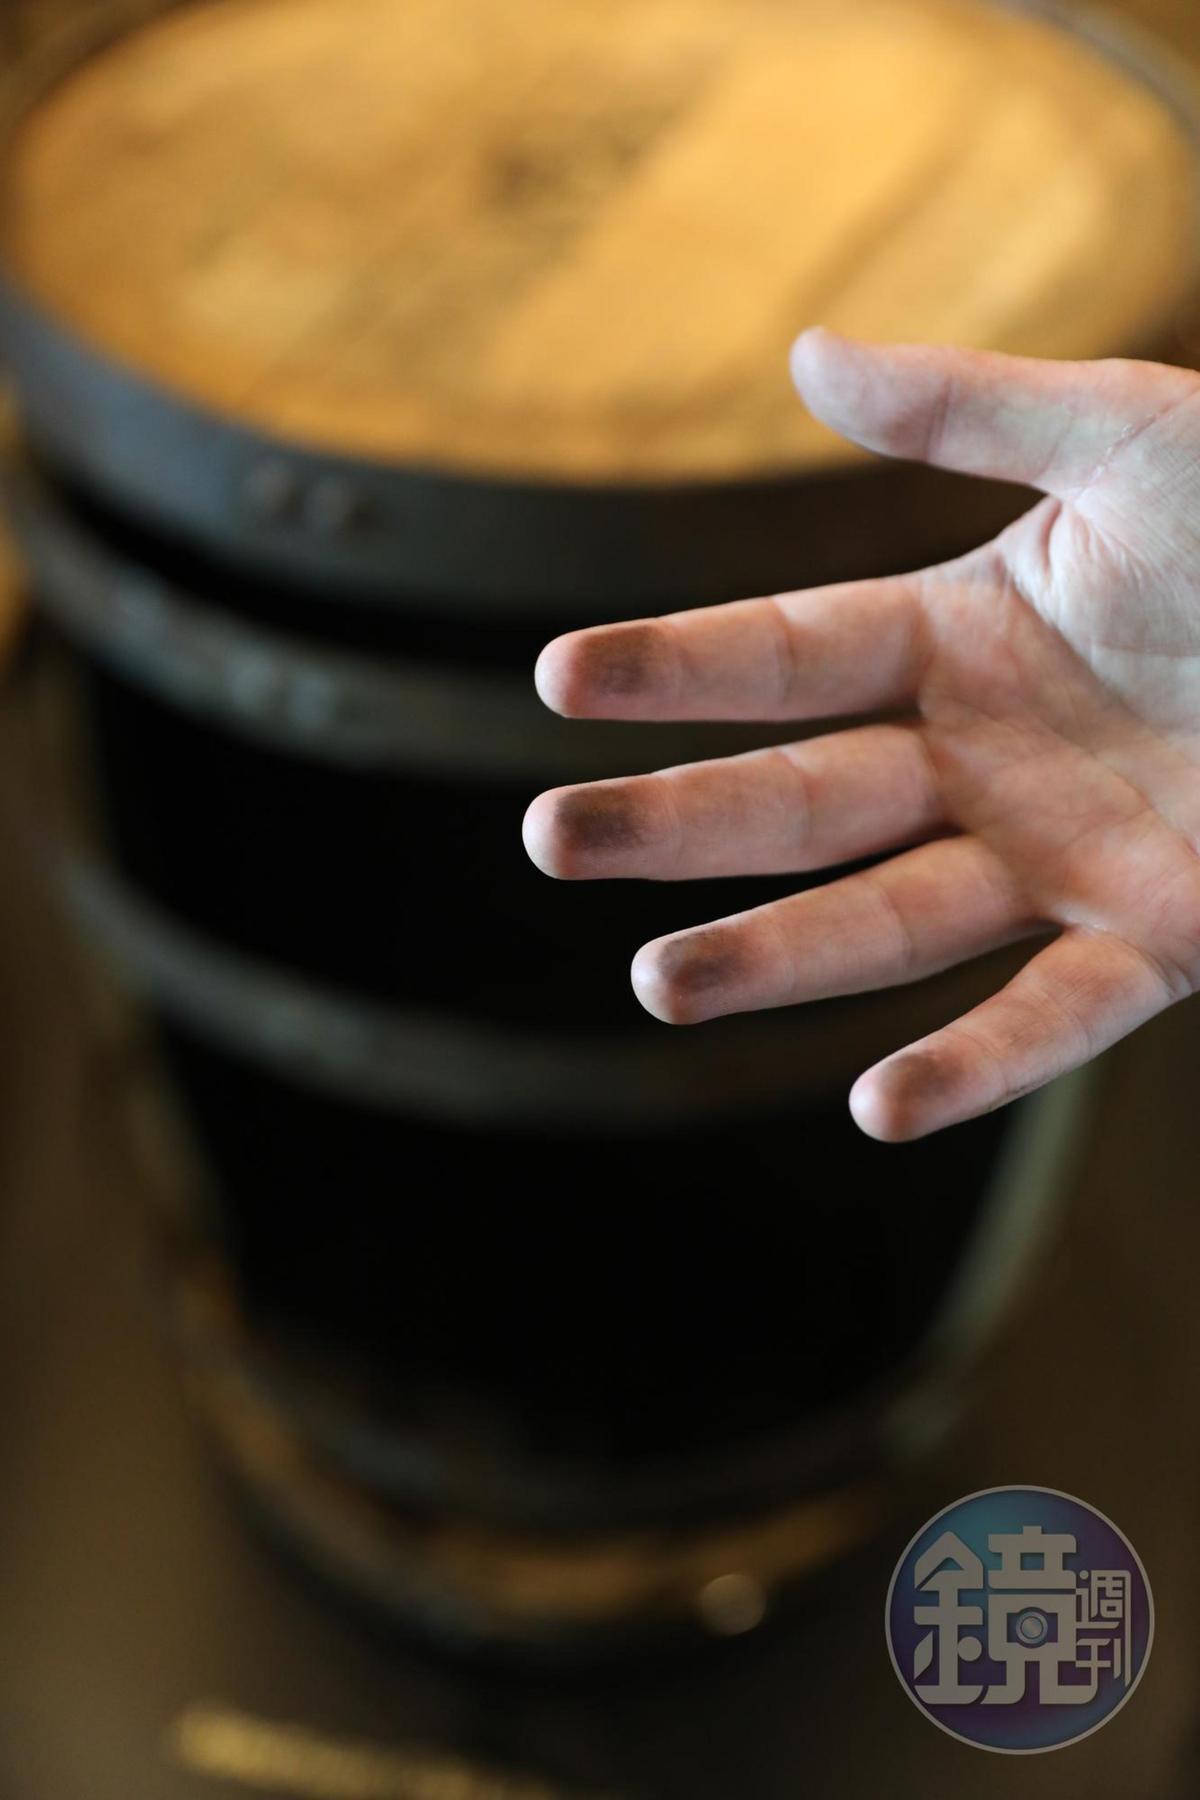 親手觸摸橡木桶內的炭灰,可知西班牙與美國橡木桶的製程差異。